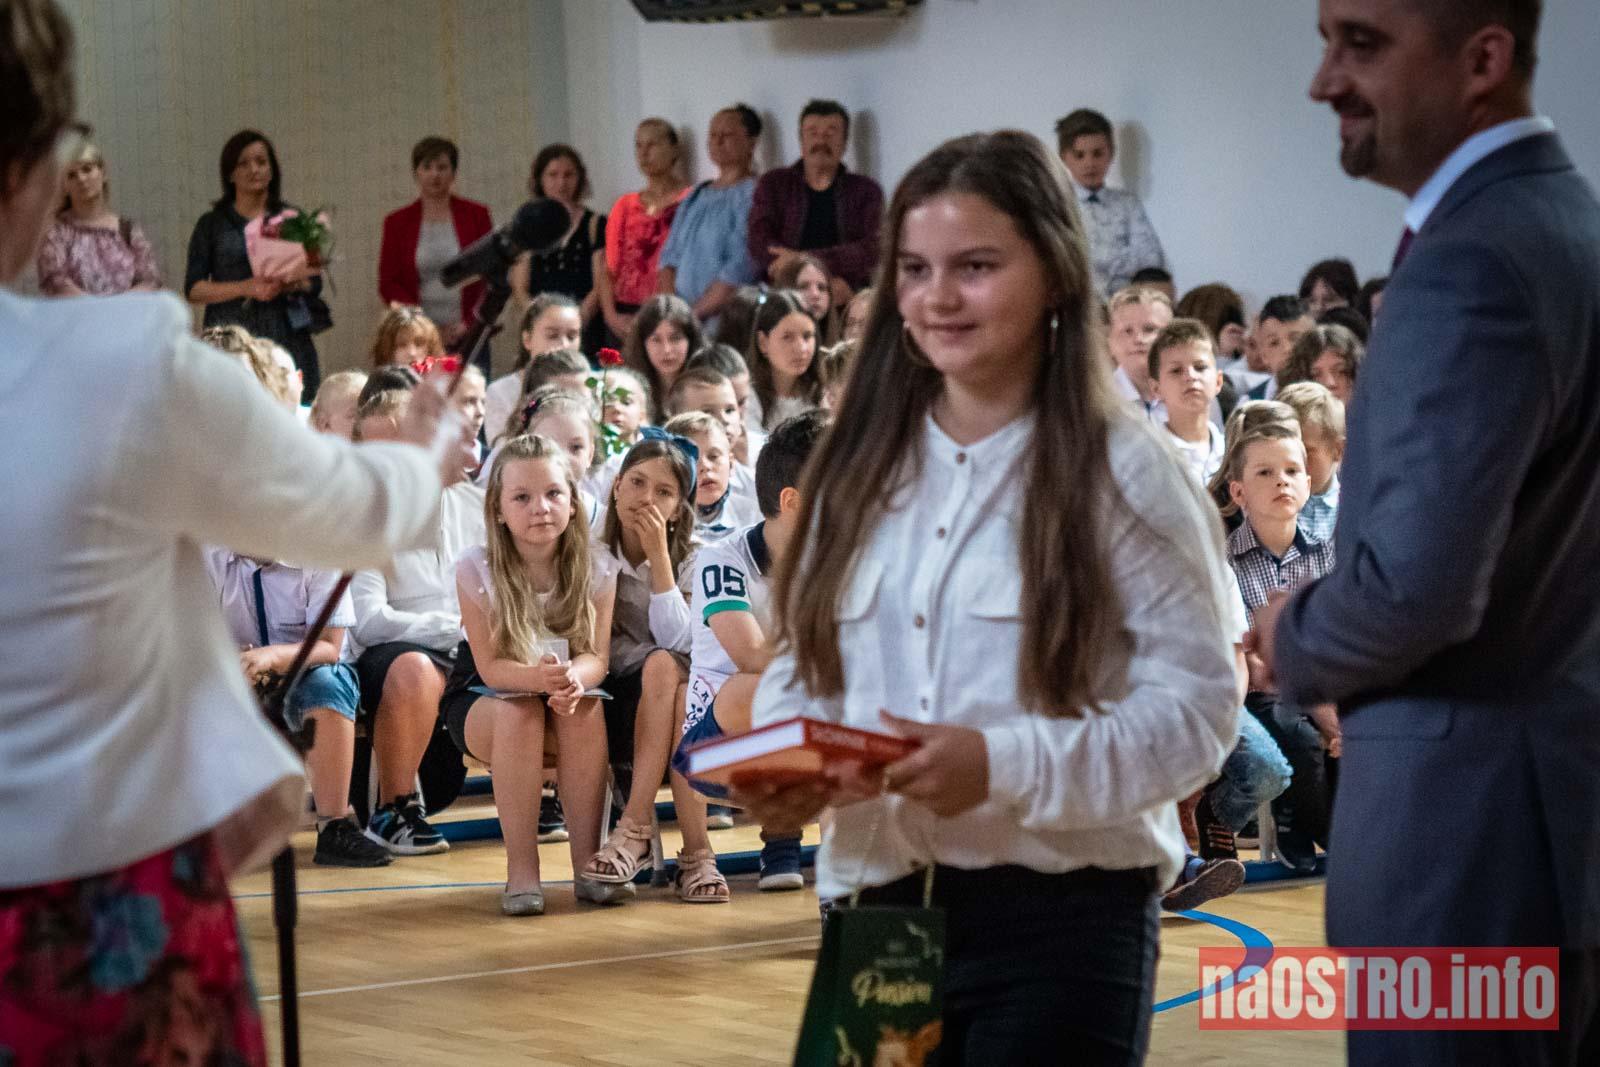 NaOSTROinfo Zakończenie roku szkolnego Bałtów-61